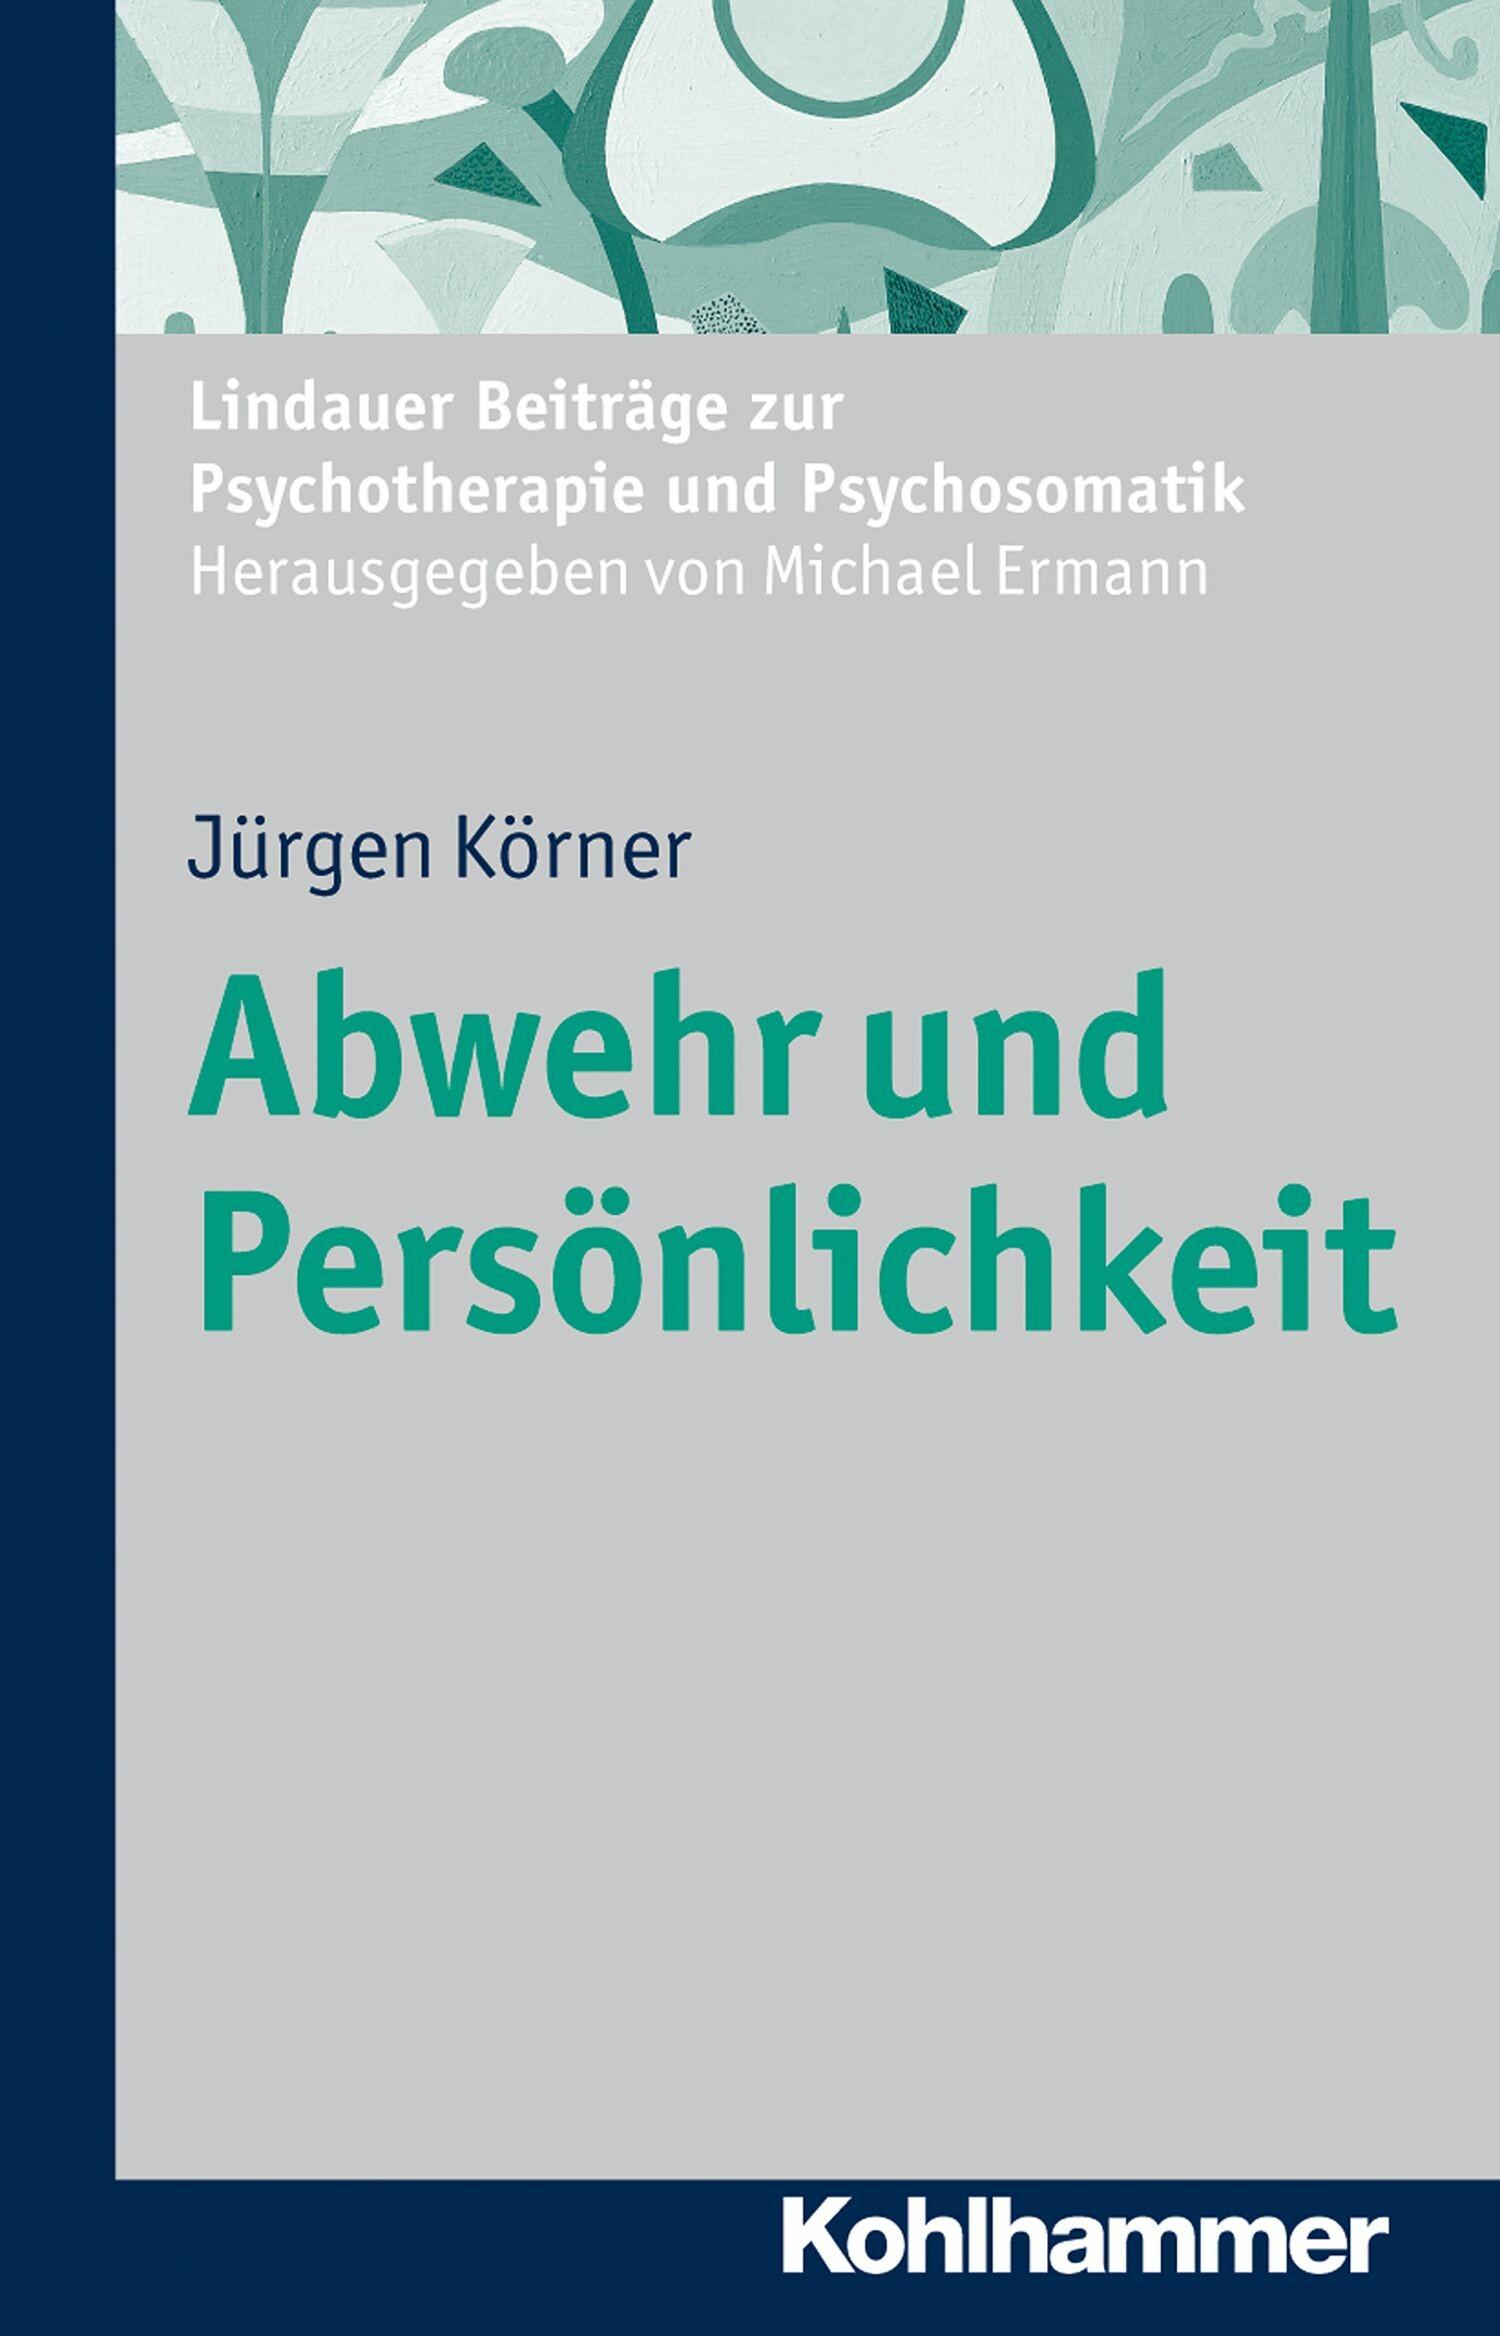 Abwehrmechanismen Freud Beispiele ebook abwehr und persönlichkeit